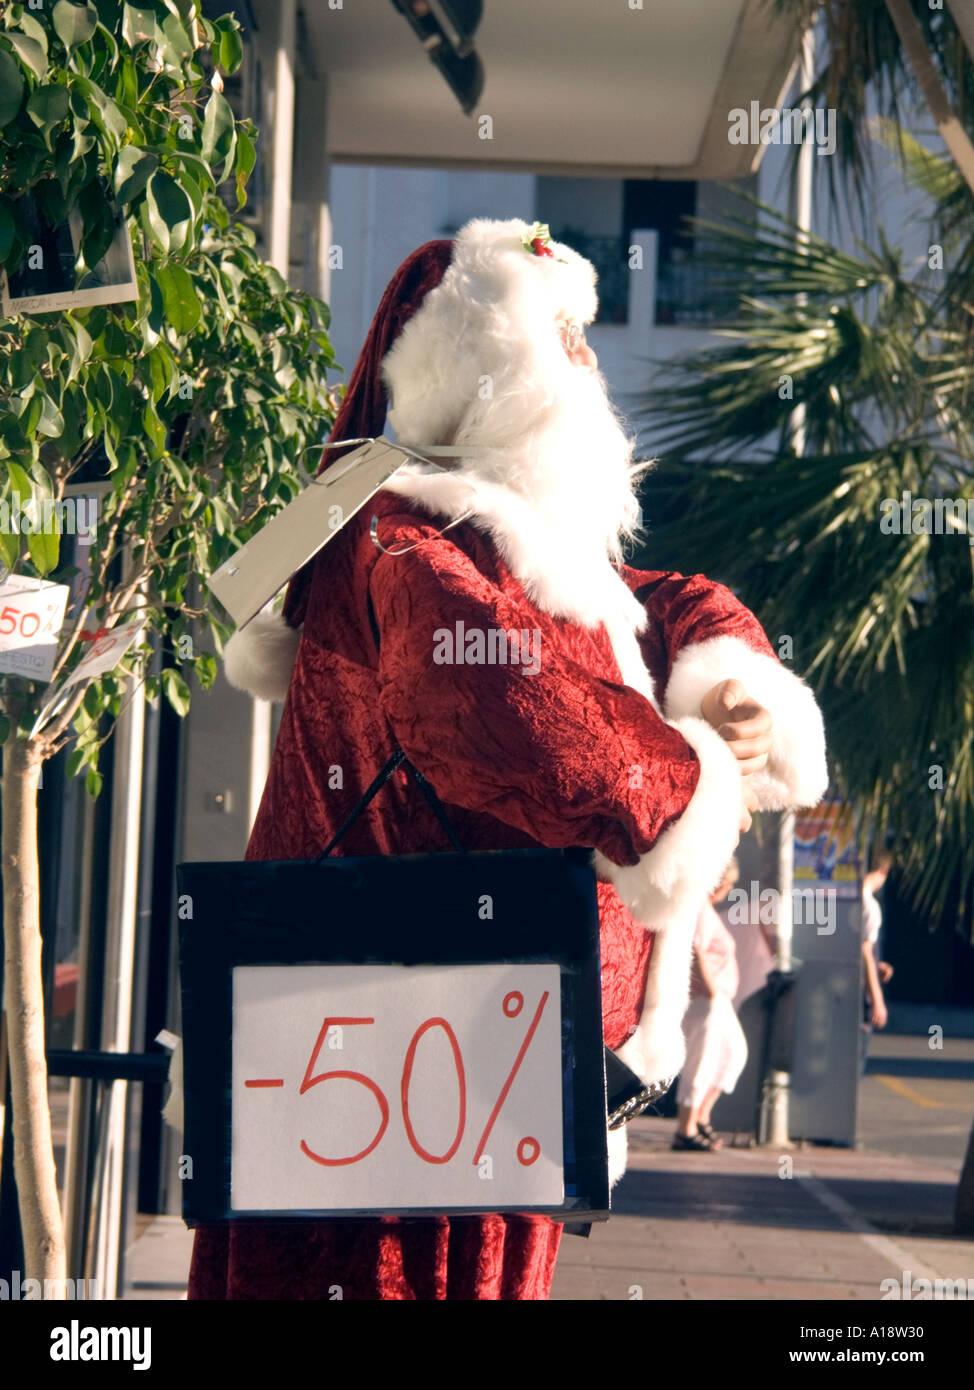 Babbo Natale 50.50 Off Babbo Natale Il Manichino Al Di Fuori Di Un Negozio Spagnolo